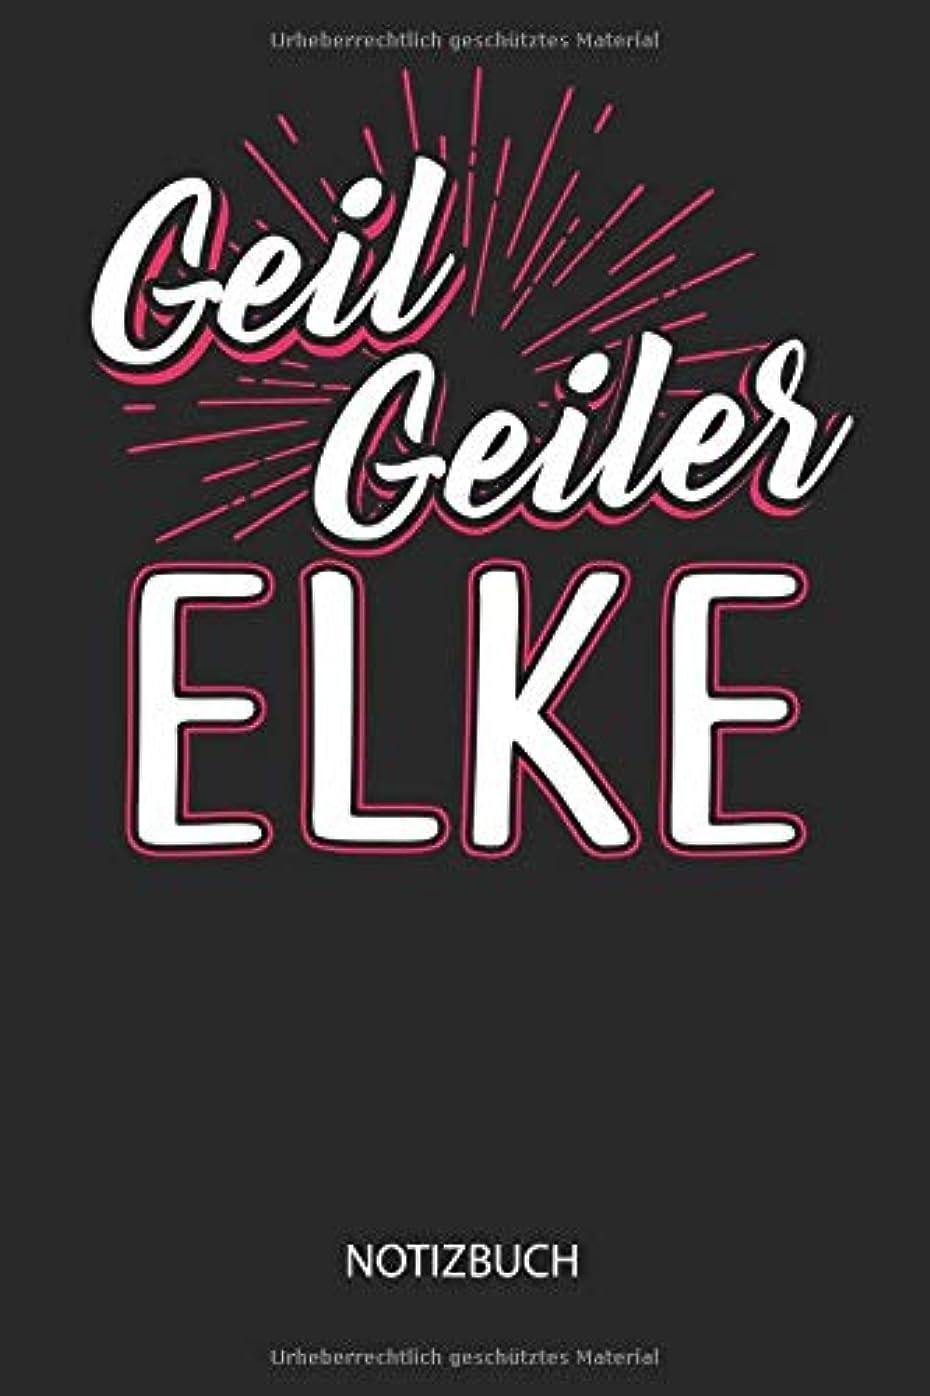 どういたしまして無がっかりしたGeil Geiler Elke - Notizbuch: Lustiges individuelles personalisiertes Frauen Namen Blanko Notizbuch DIN A5 dotted leere Seiten. Muttertag, Namenstag, Weihnachts & Geburtstags Geschenk Idee.